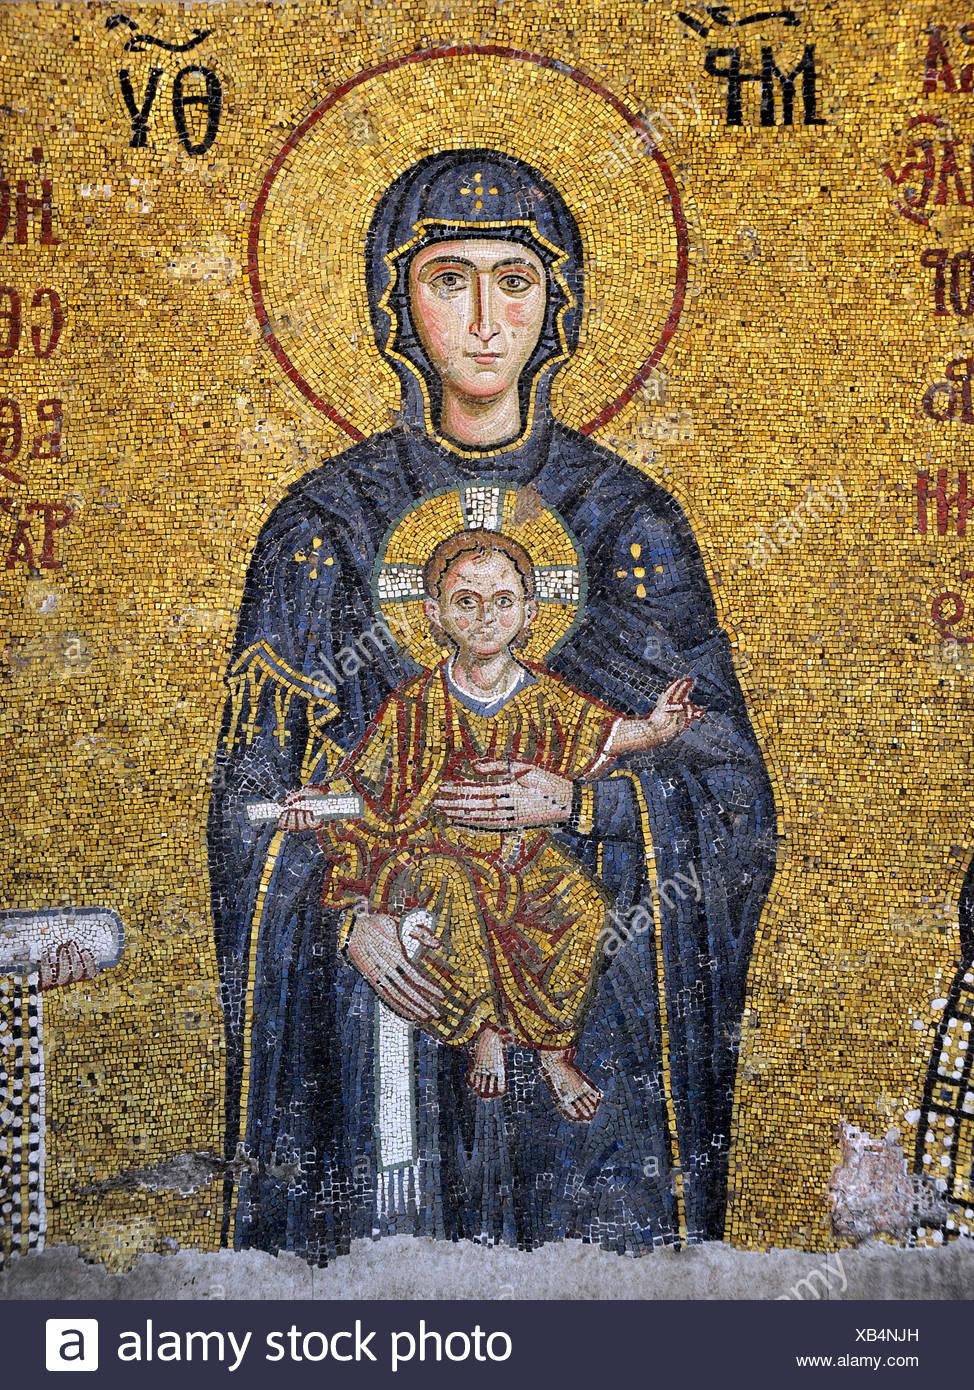 Mosaik, Jungfrau Maria, Muttergottes mit dem Jesuskind, Hagia Sophia, Ayasofya, Istanbul, Türkei Stockfoto